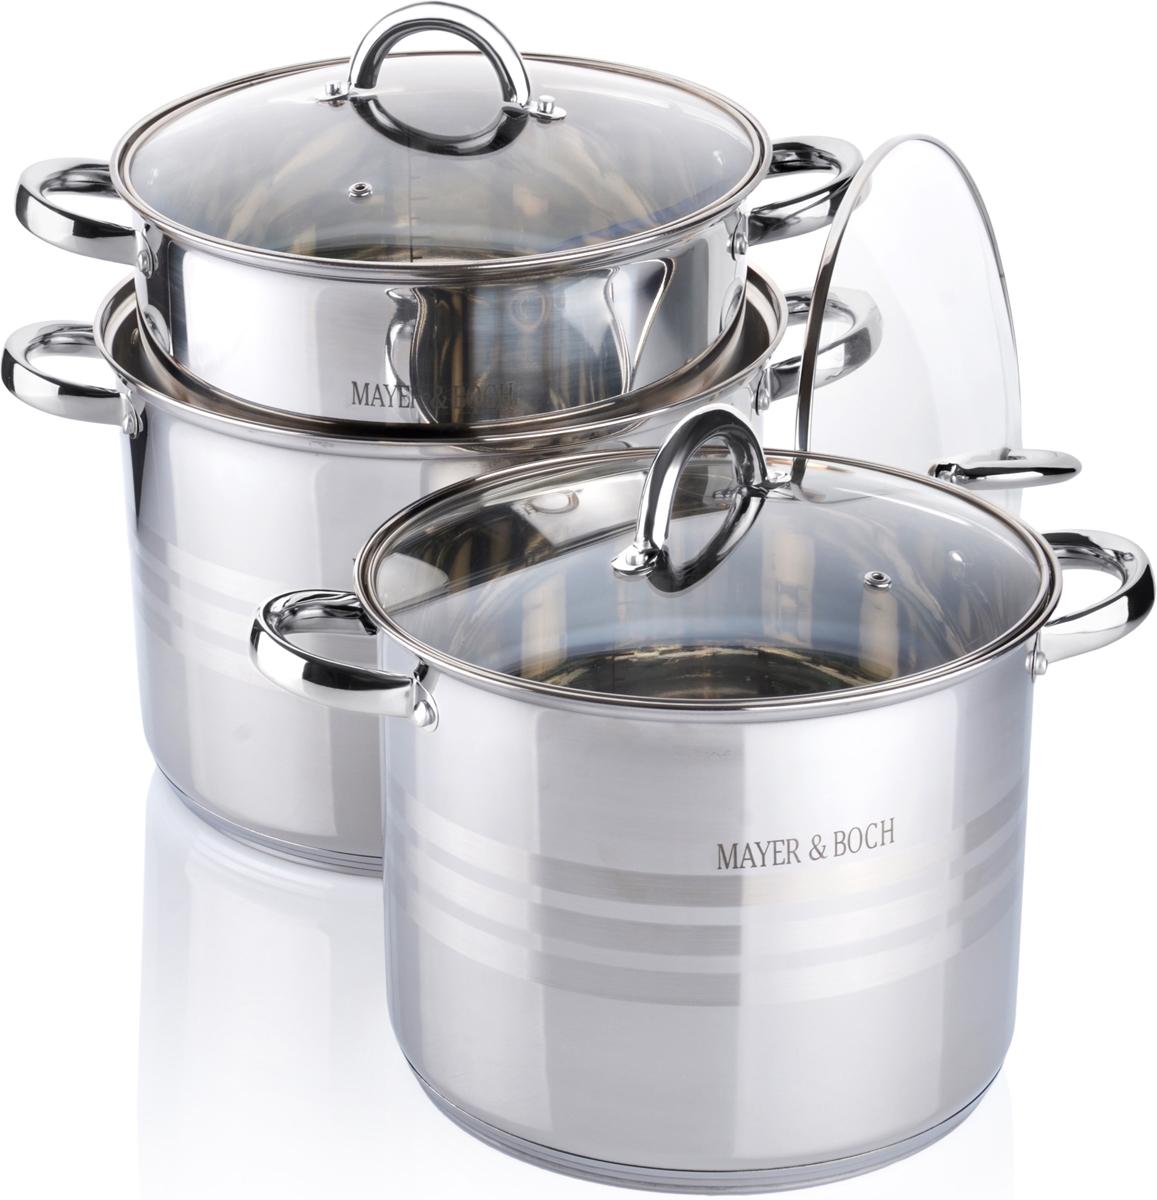 Набор посуды Mayer & Boch, 6 предметов. 26700 набор посуды mayer